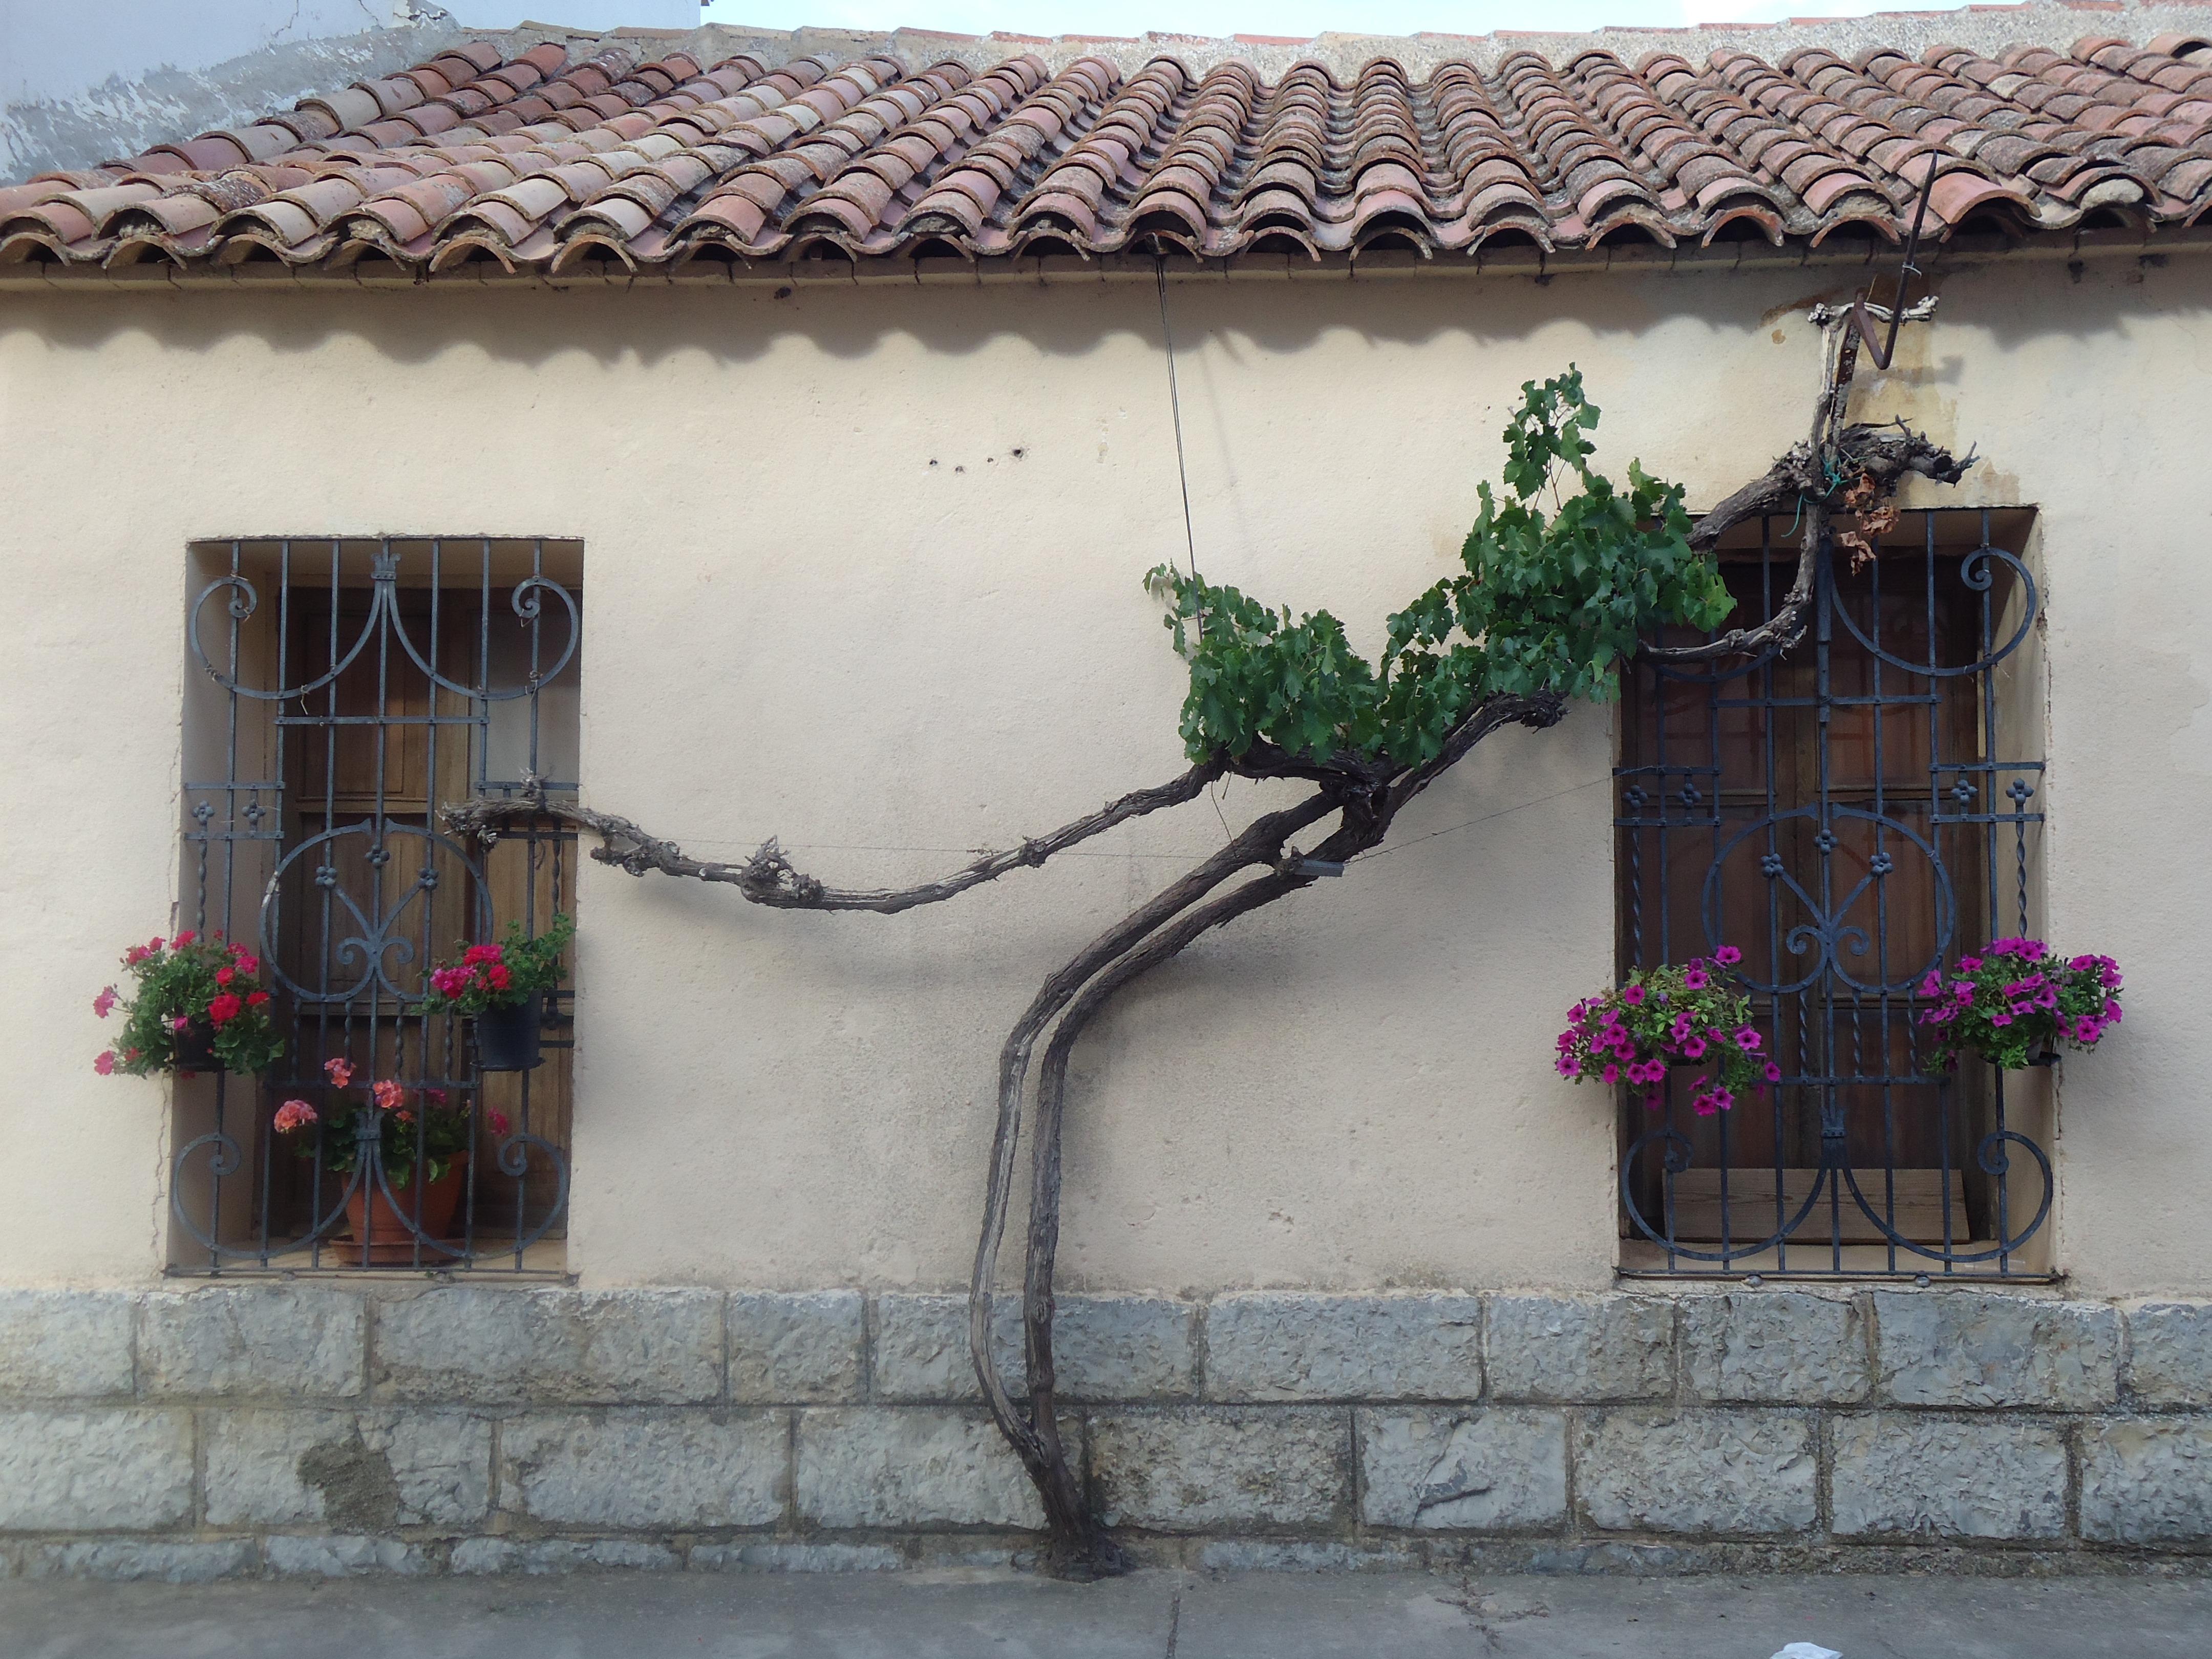 Gratis billeder : træ, natur, vækst, hus, vindue, hjem, væg, altan ...